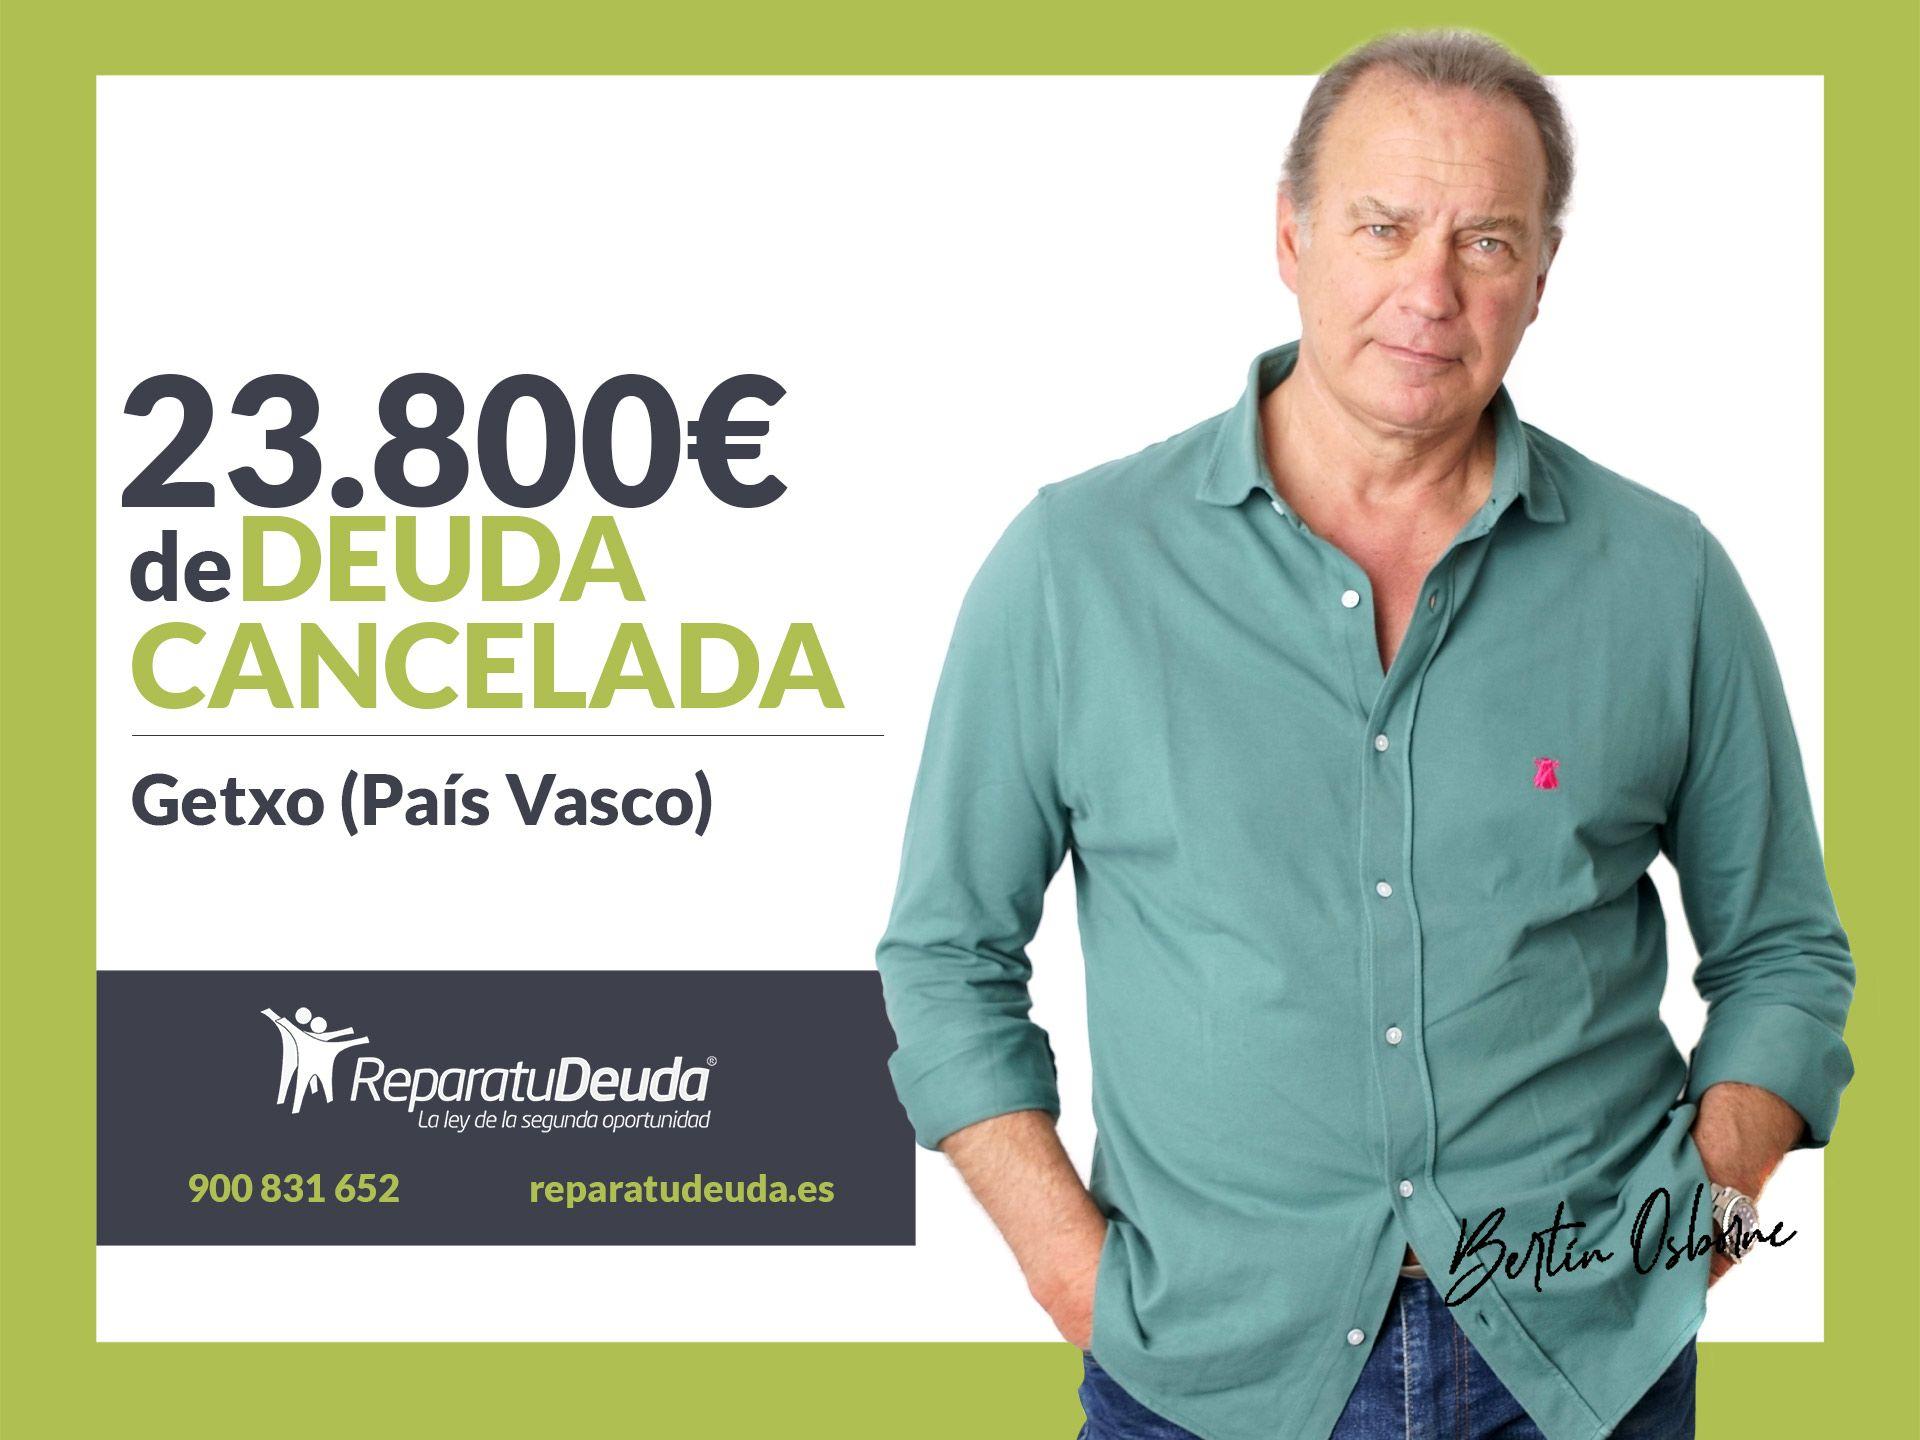 Repara tu Deuda abogados cancela 23.800? en Getxo (Bizkaia) con la Ley de Segunda Oportunidad